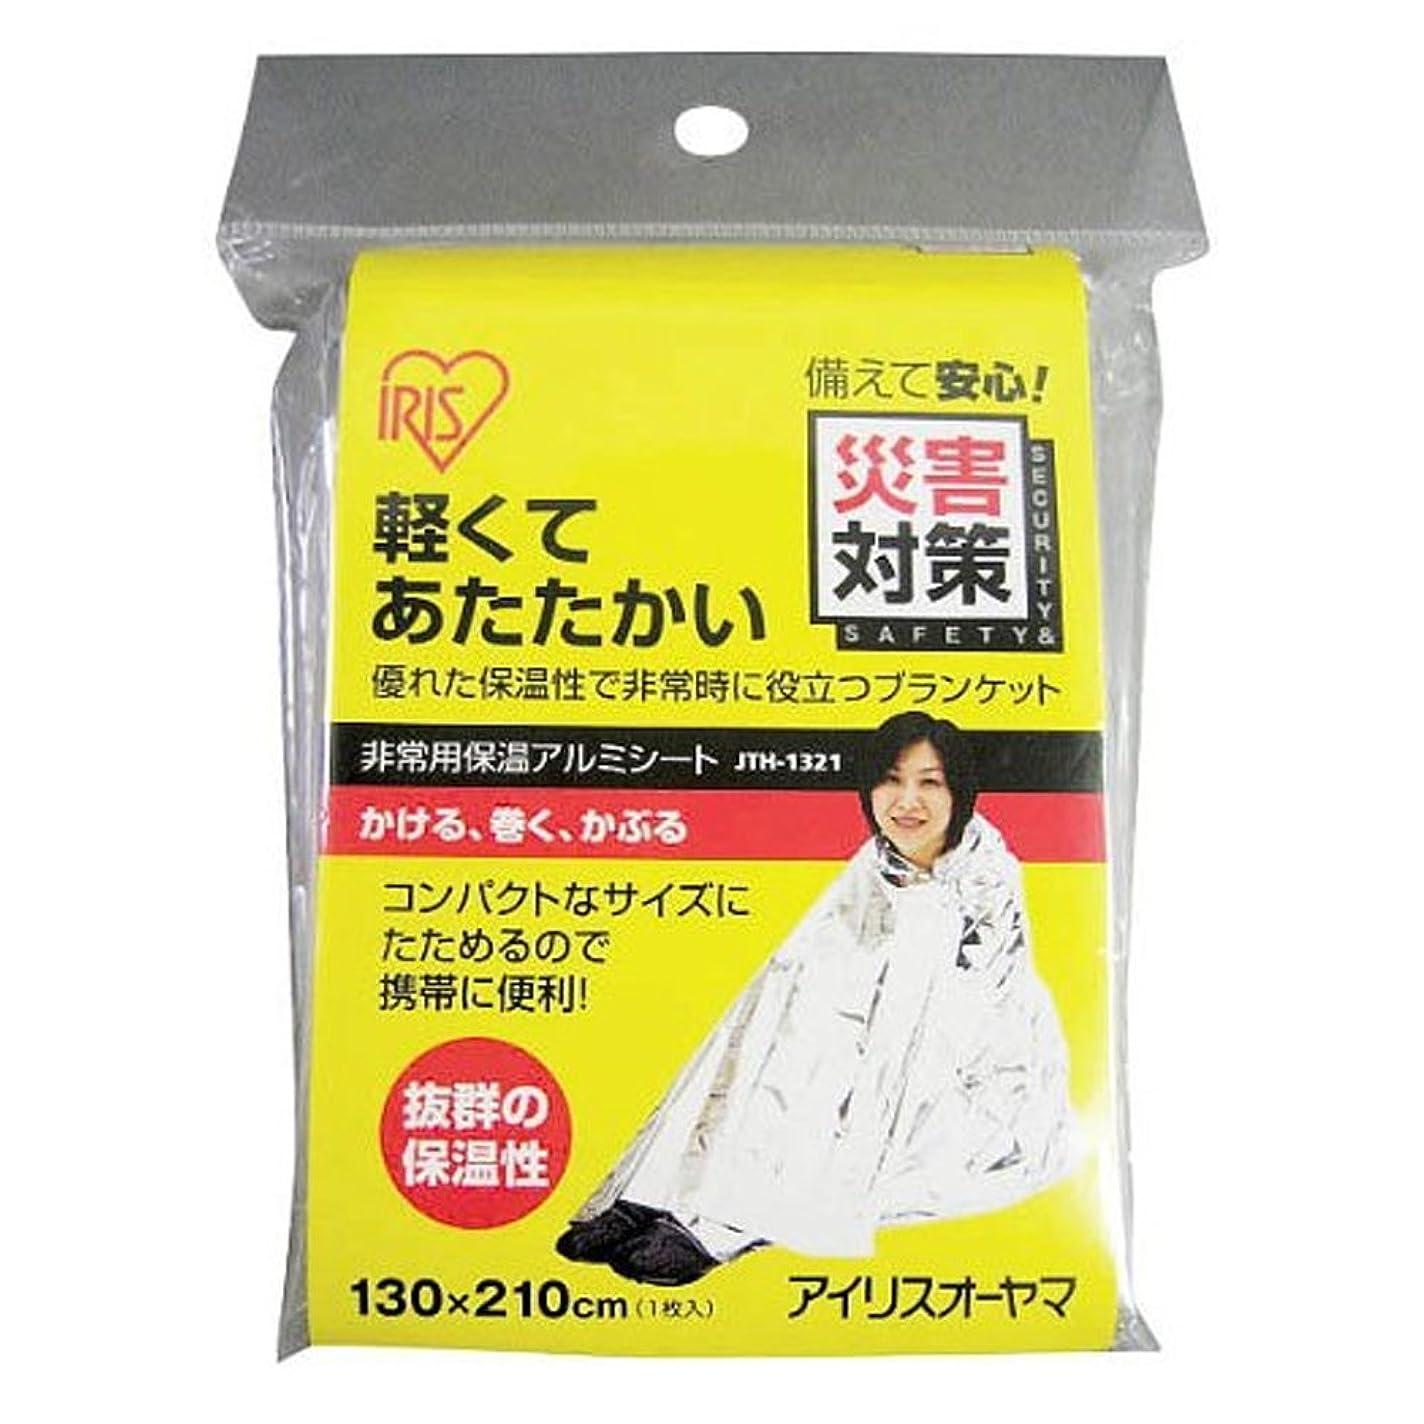 平らにする評判評判アルミ毛布 シングル 140×200cm 防災 災害用毛布 防災 避難 保温 薄い コンパクト 簡易毛布